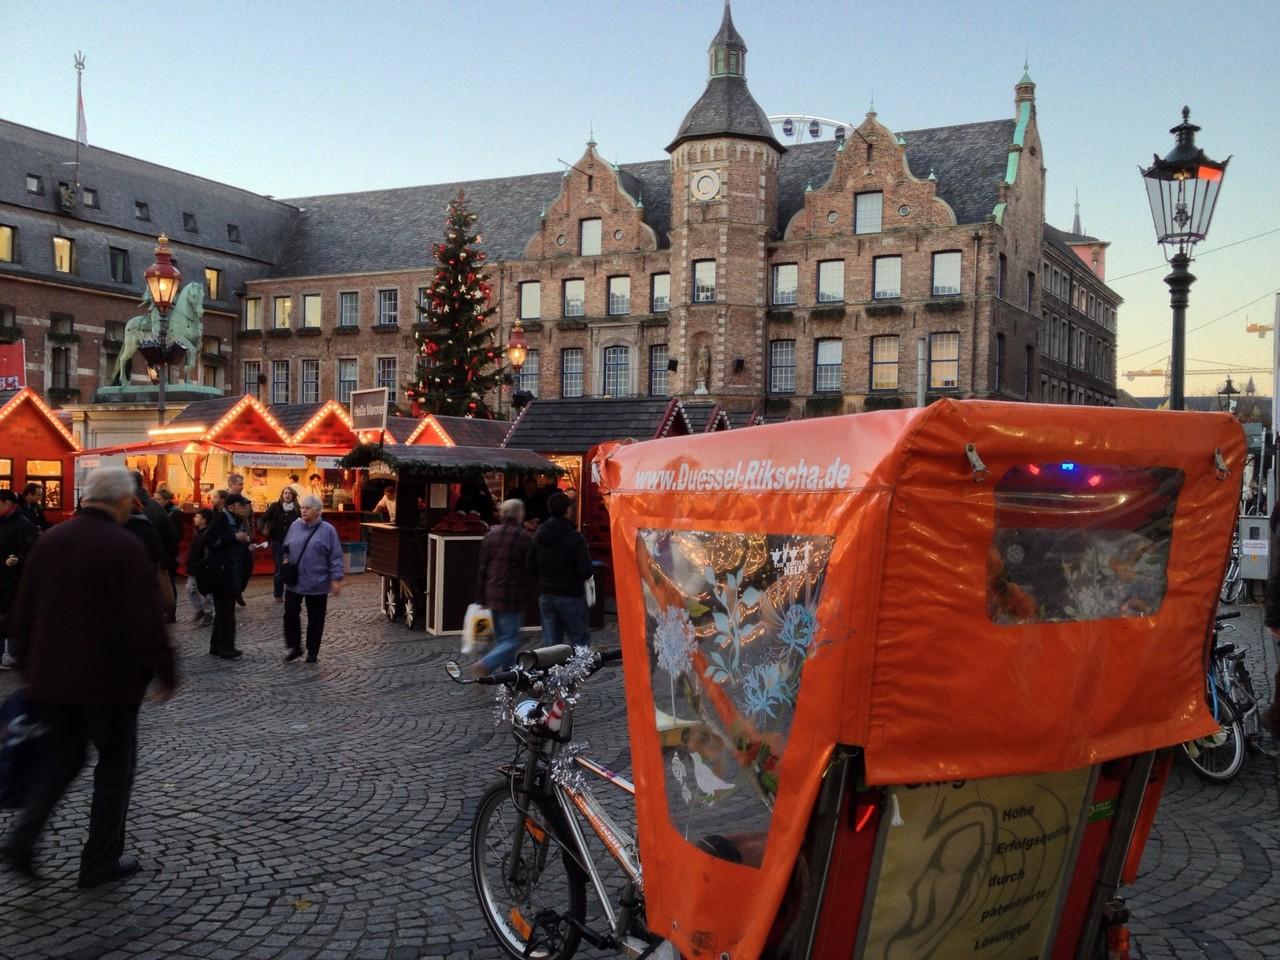 Duesseldorf, Rathausplatz, Weihnachtsmarkt 2012